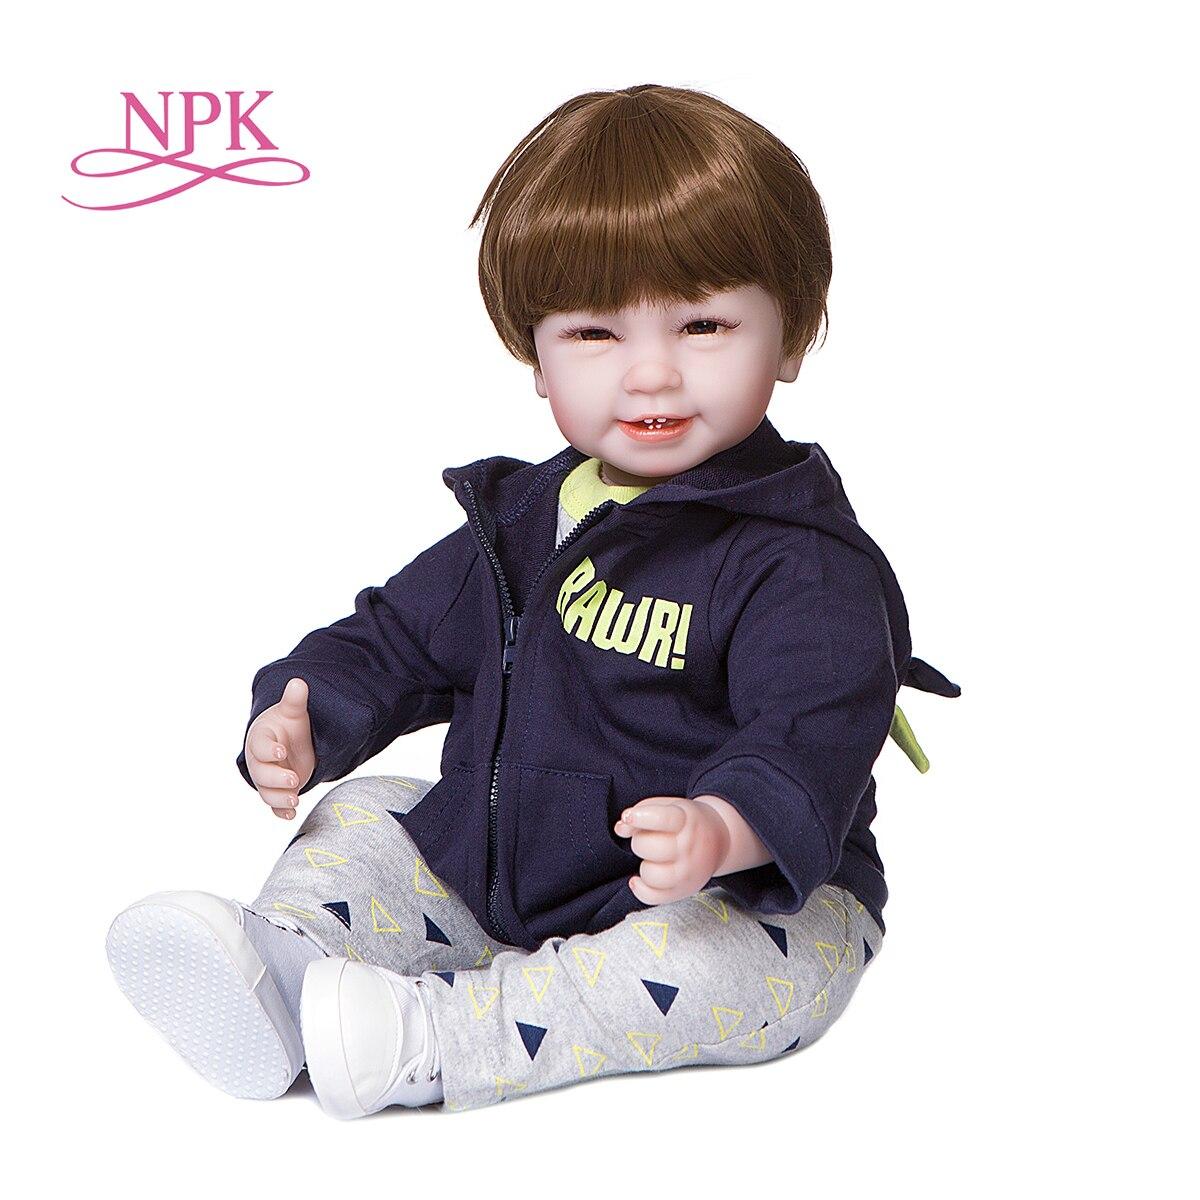 NPK 55CM Weichen Körper Kuschel Reborn Kleinkind Baby Boy Puppe Mit Vier Zähne Lächeln Gesicht Niedlich Baby Geburtstag Geschenk entzückende